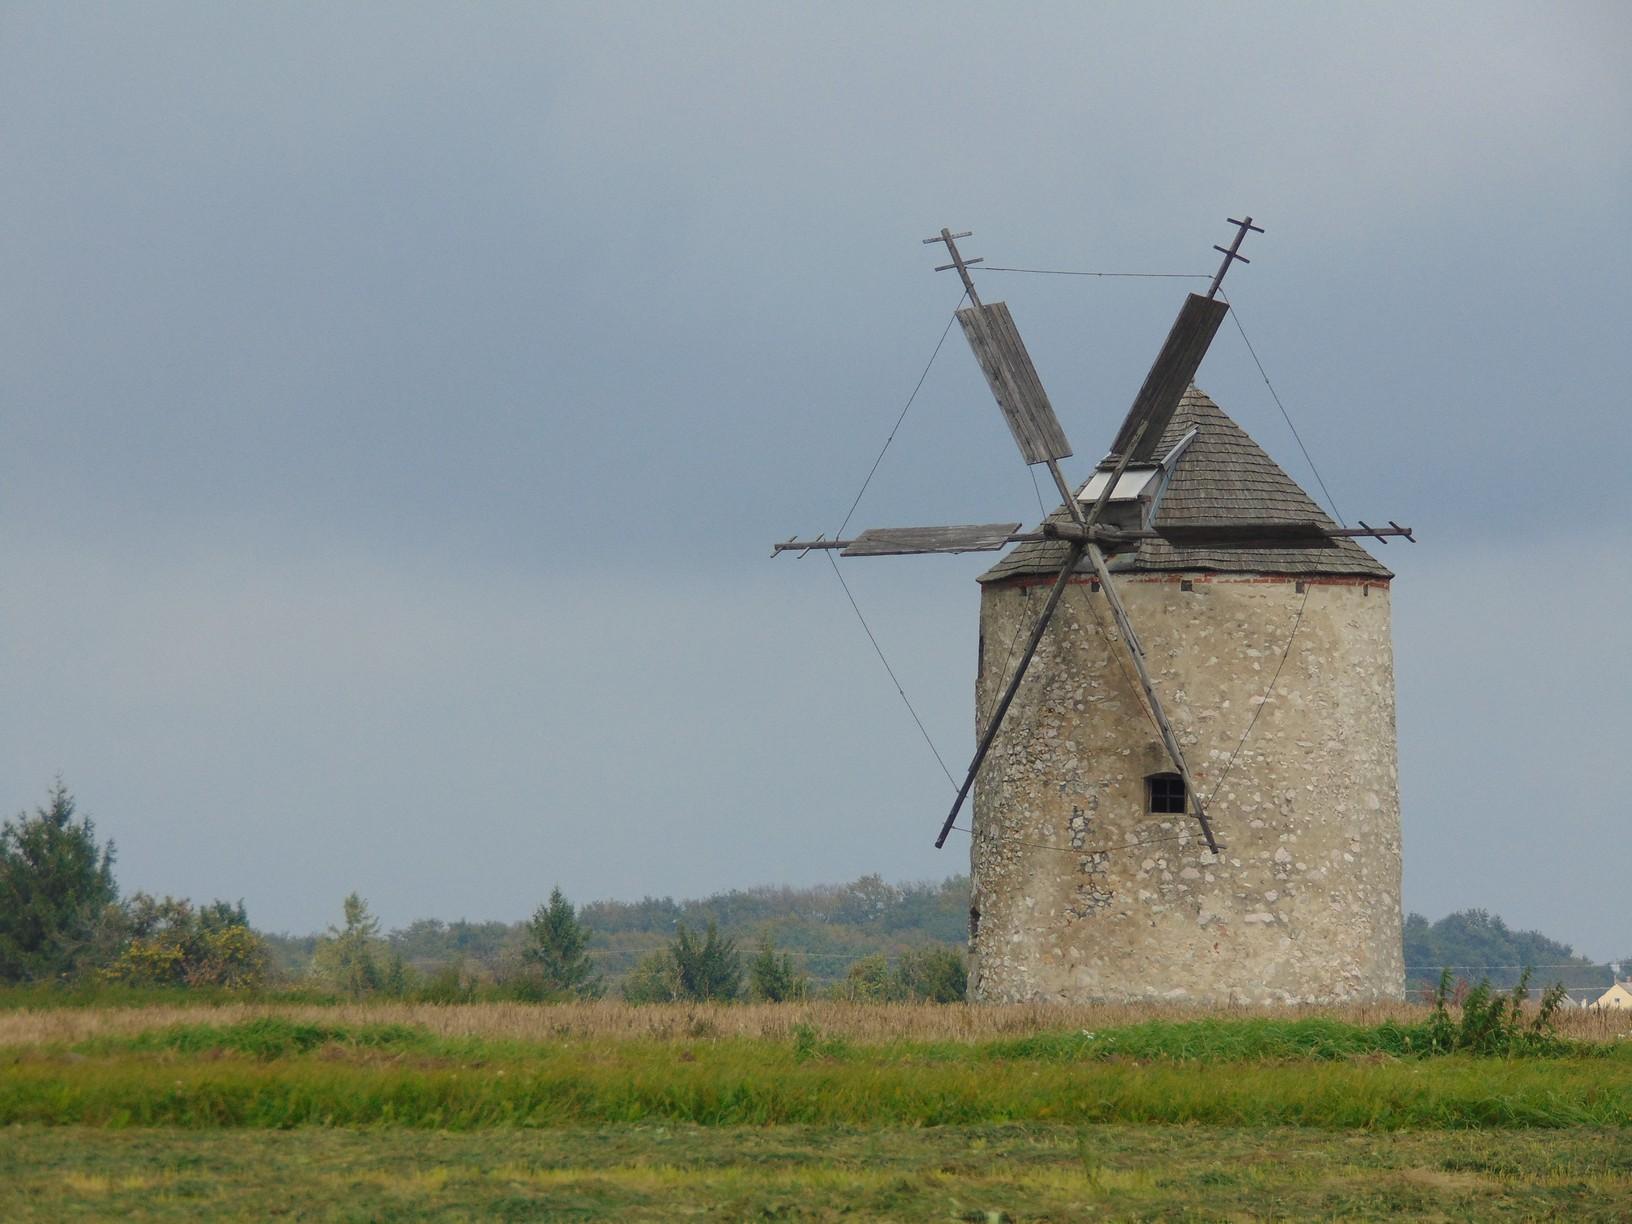 A dunántúli szélmalomipar utolsó emlékei fénykorukban gabonát őröltek, maximális kapacitásuk kedvező szélviszonyok mellett napi négy mázsa volt